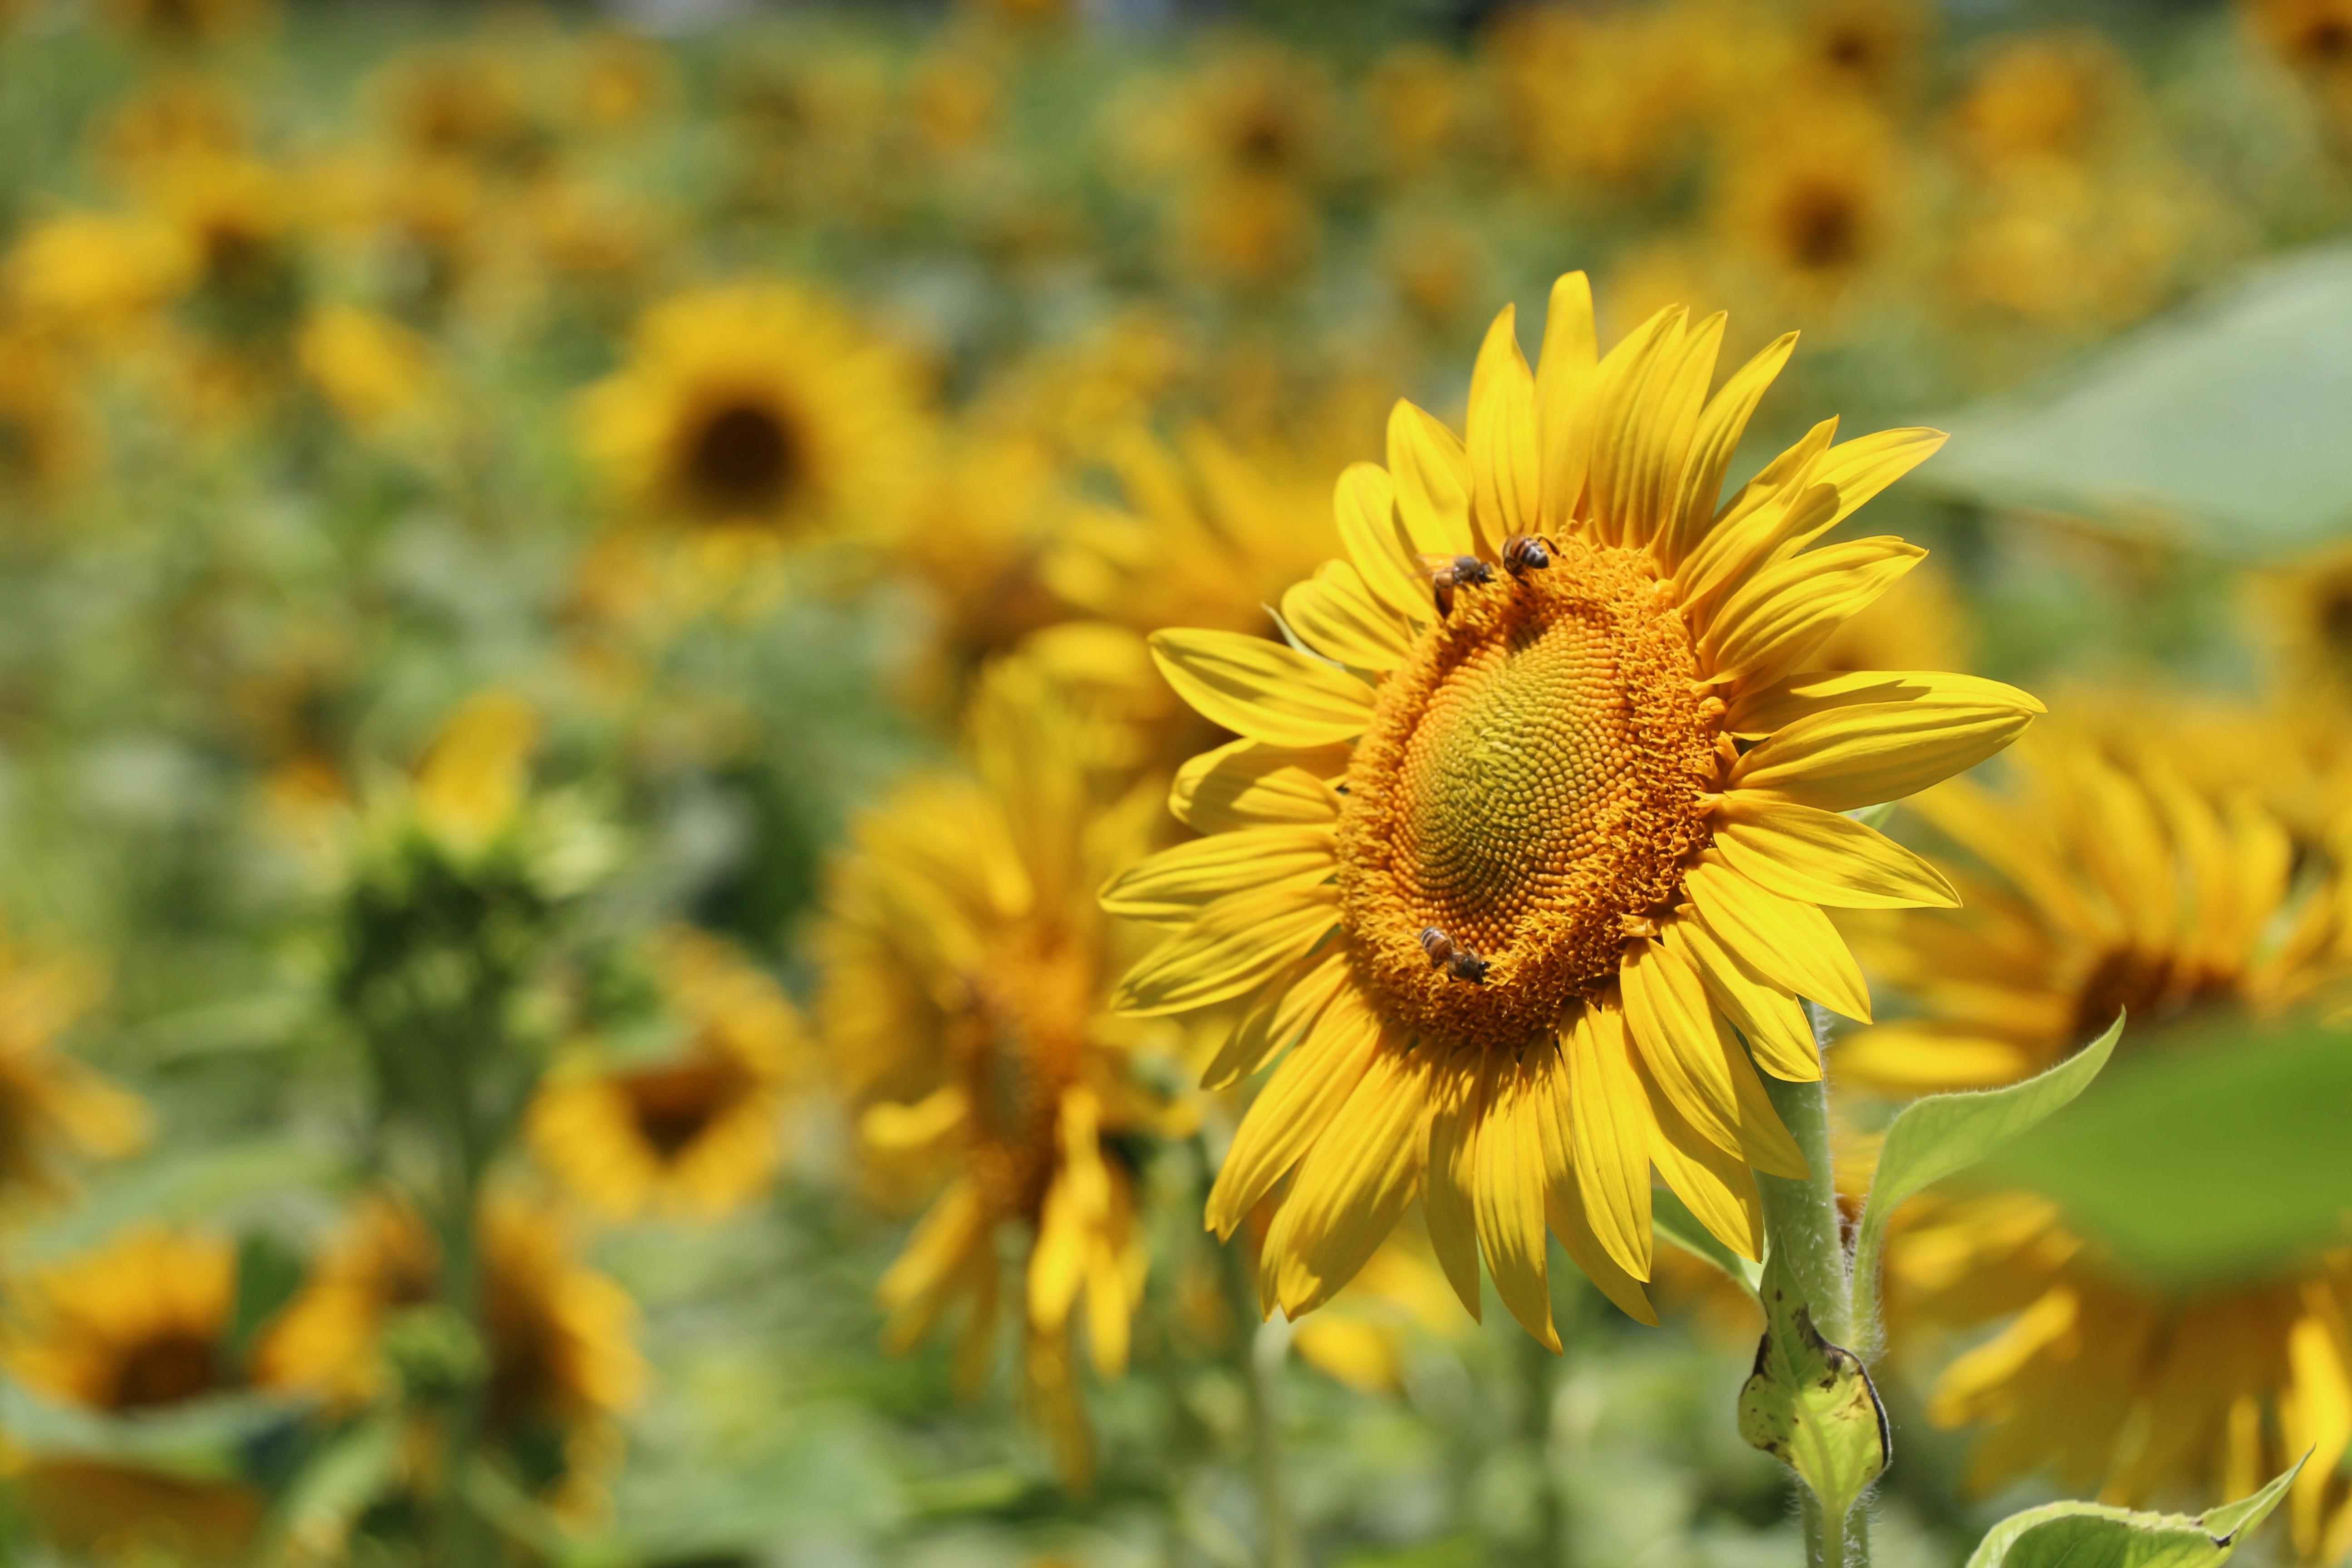 138302 Hintergrundbild herunterladen Blumen, Bienen, Unschärfe, Glatt, Sonnenblume, Bestäubung - Bildschirmschoner und Bilder kostenlos